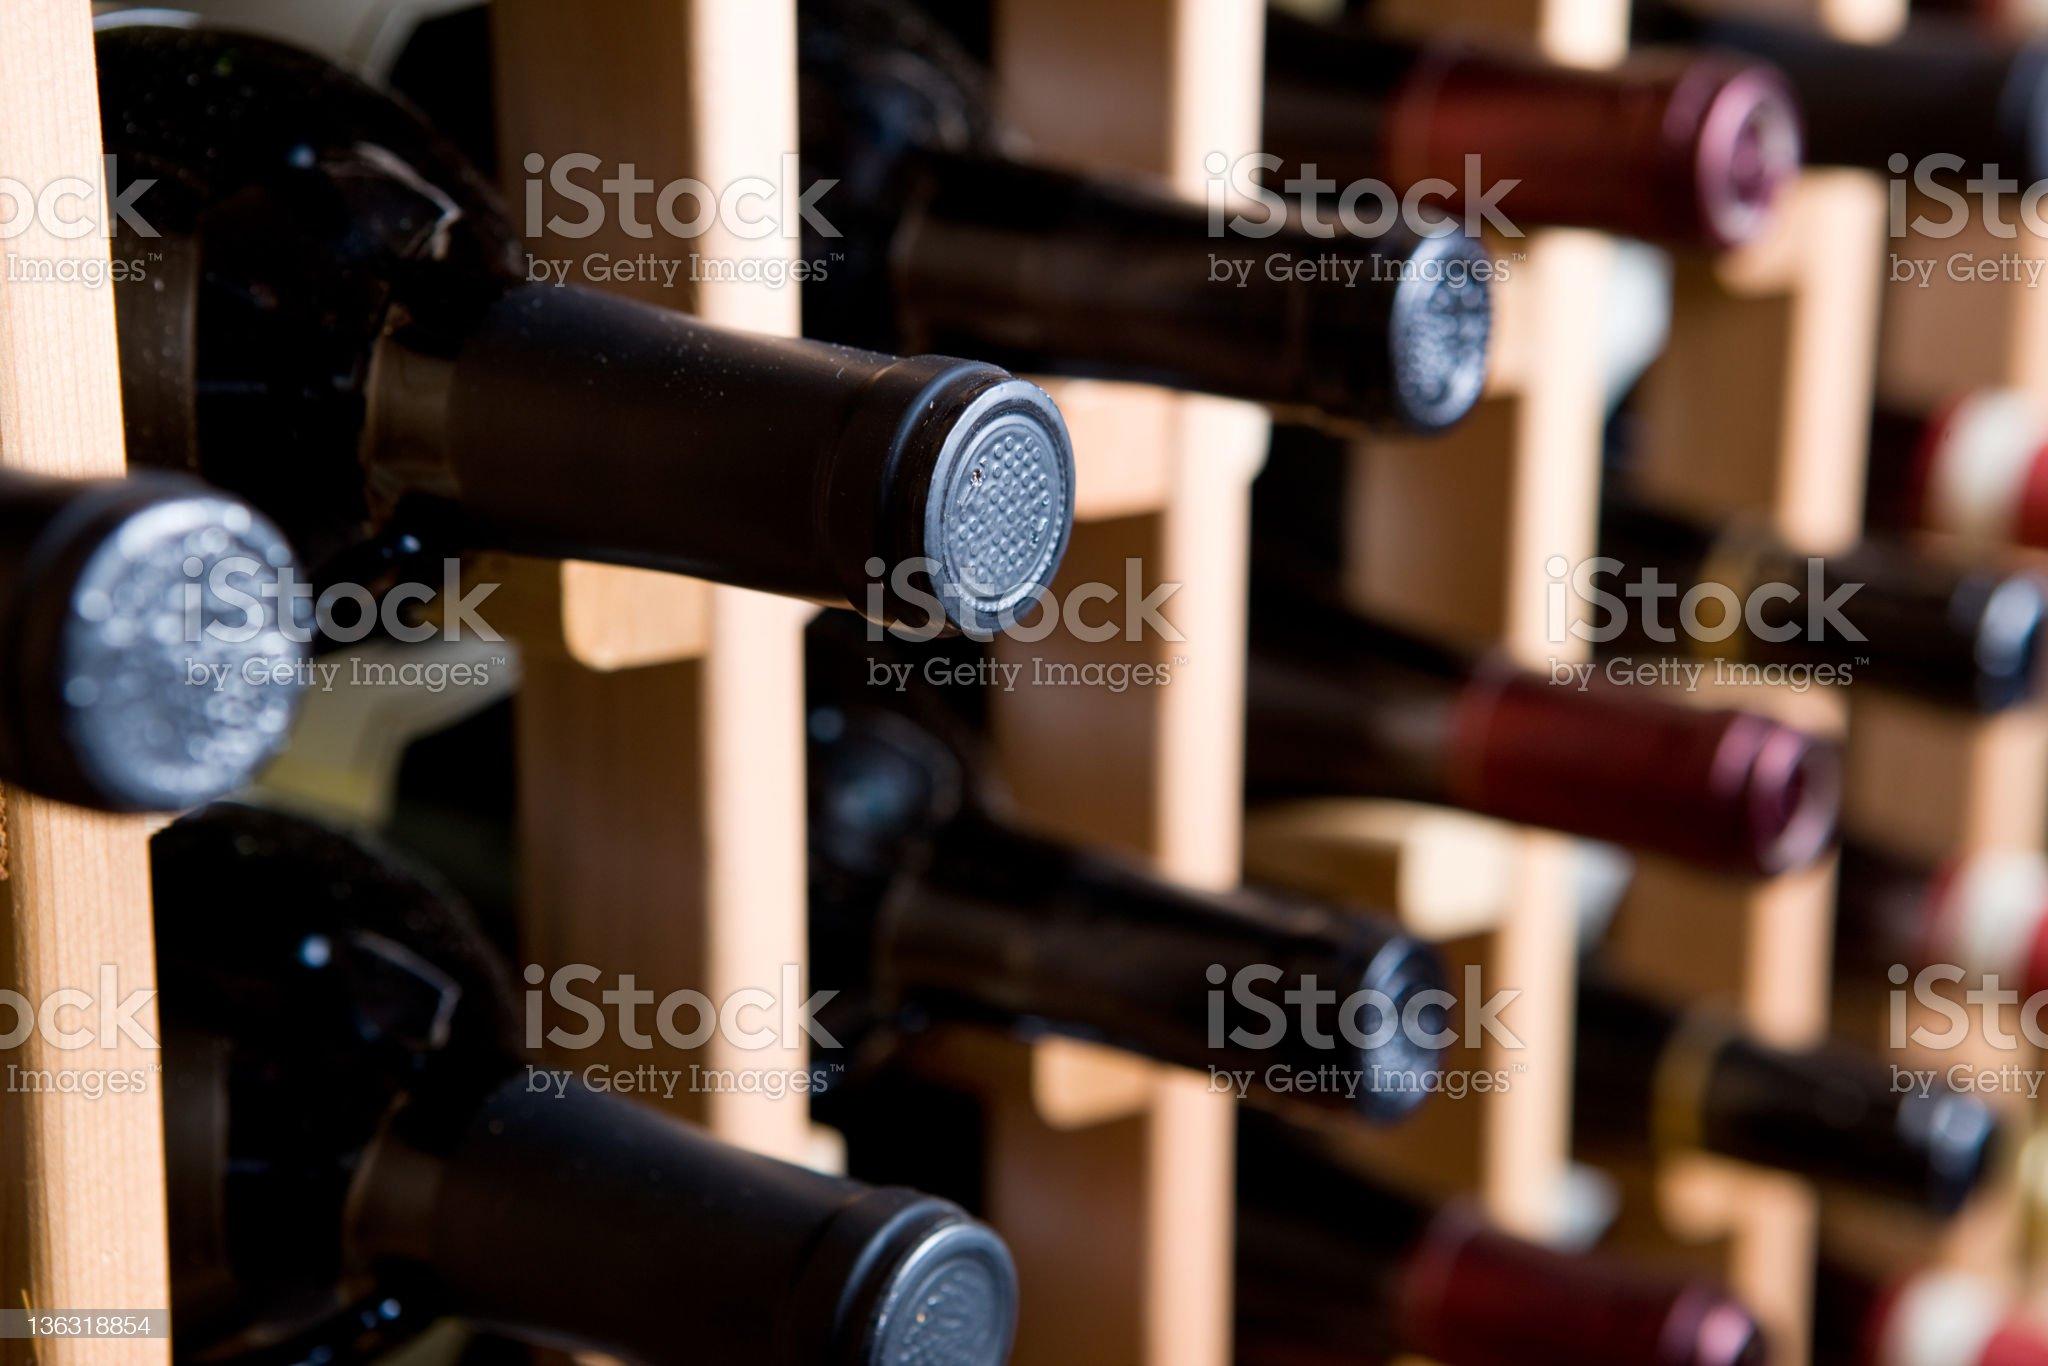 Wine bottle rack holding several bottles royalty-free stock photo